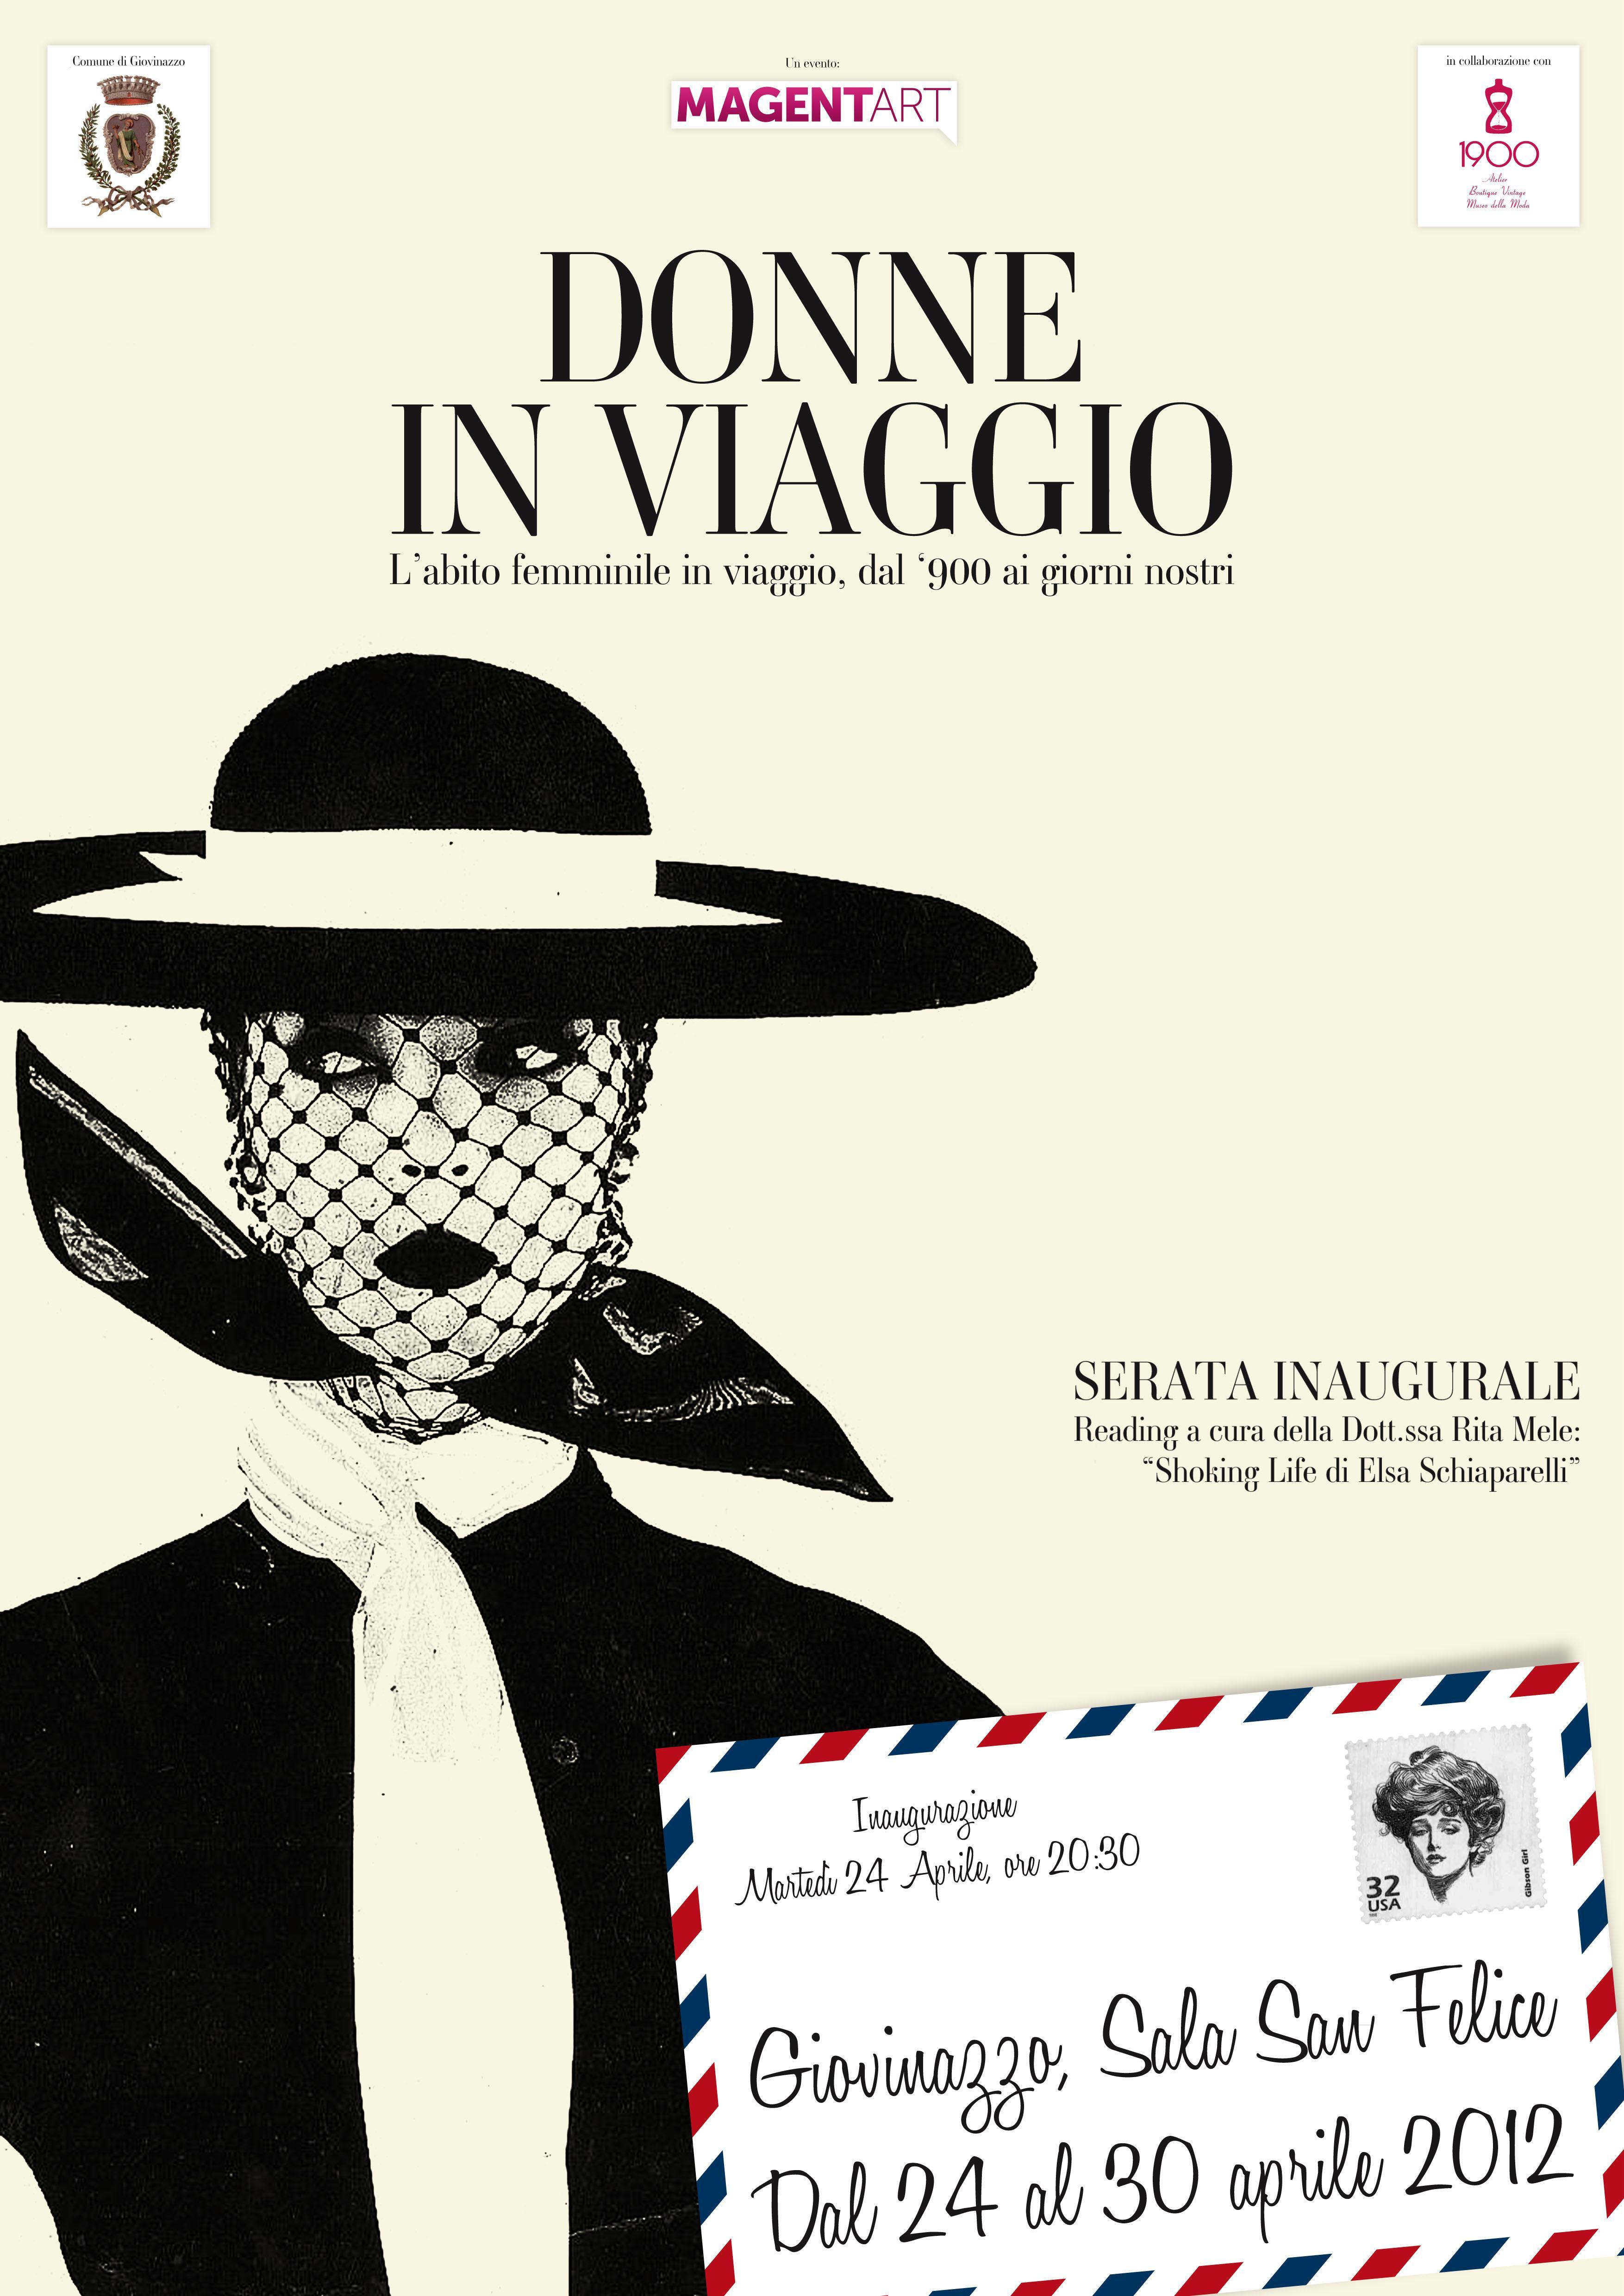 locandina-donne-in-viaggio-lerariolapadula-mostra-fashion-curator-abiti-d-epoca-giovinazzo-moda-2012